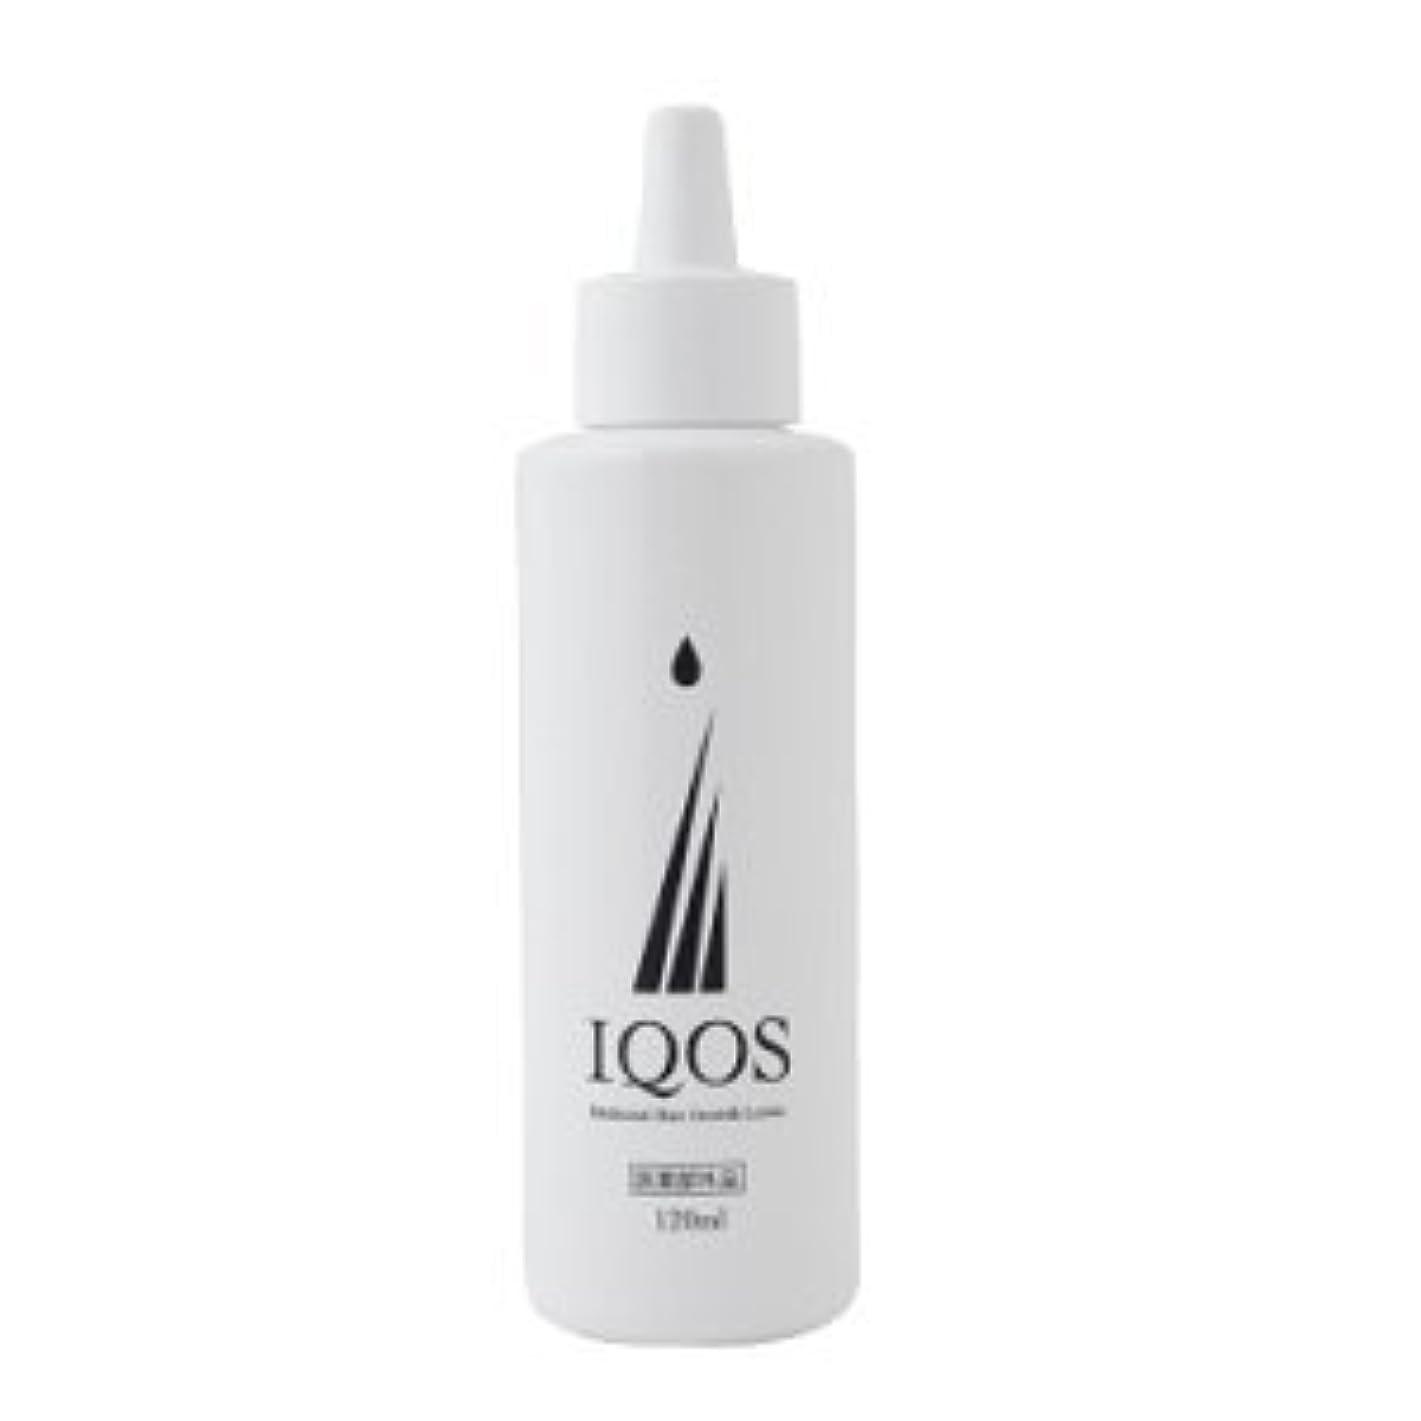 回転する援助大惨事M-034を最大級配合 薬用育毛剤 IQOS イクオス 120ml